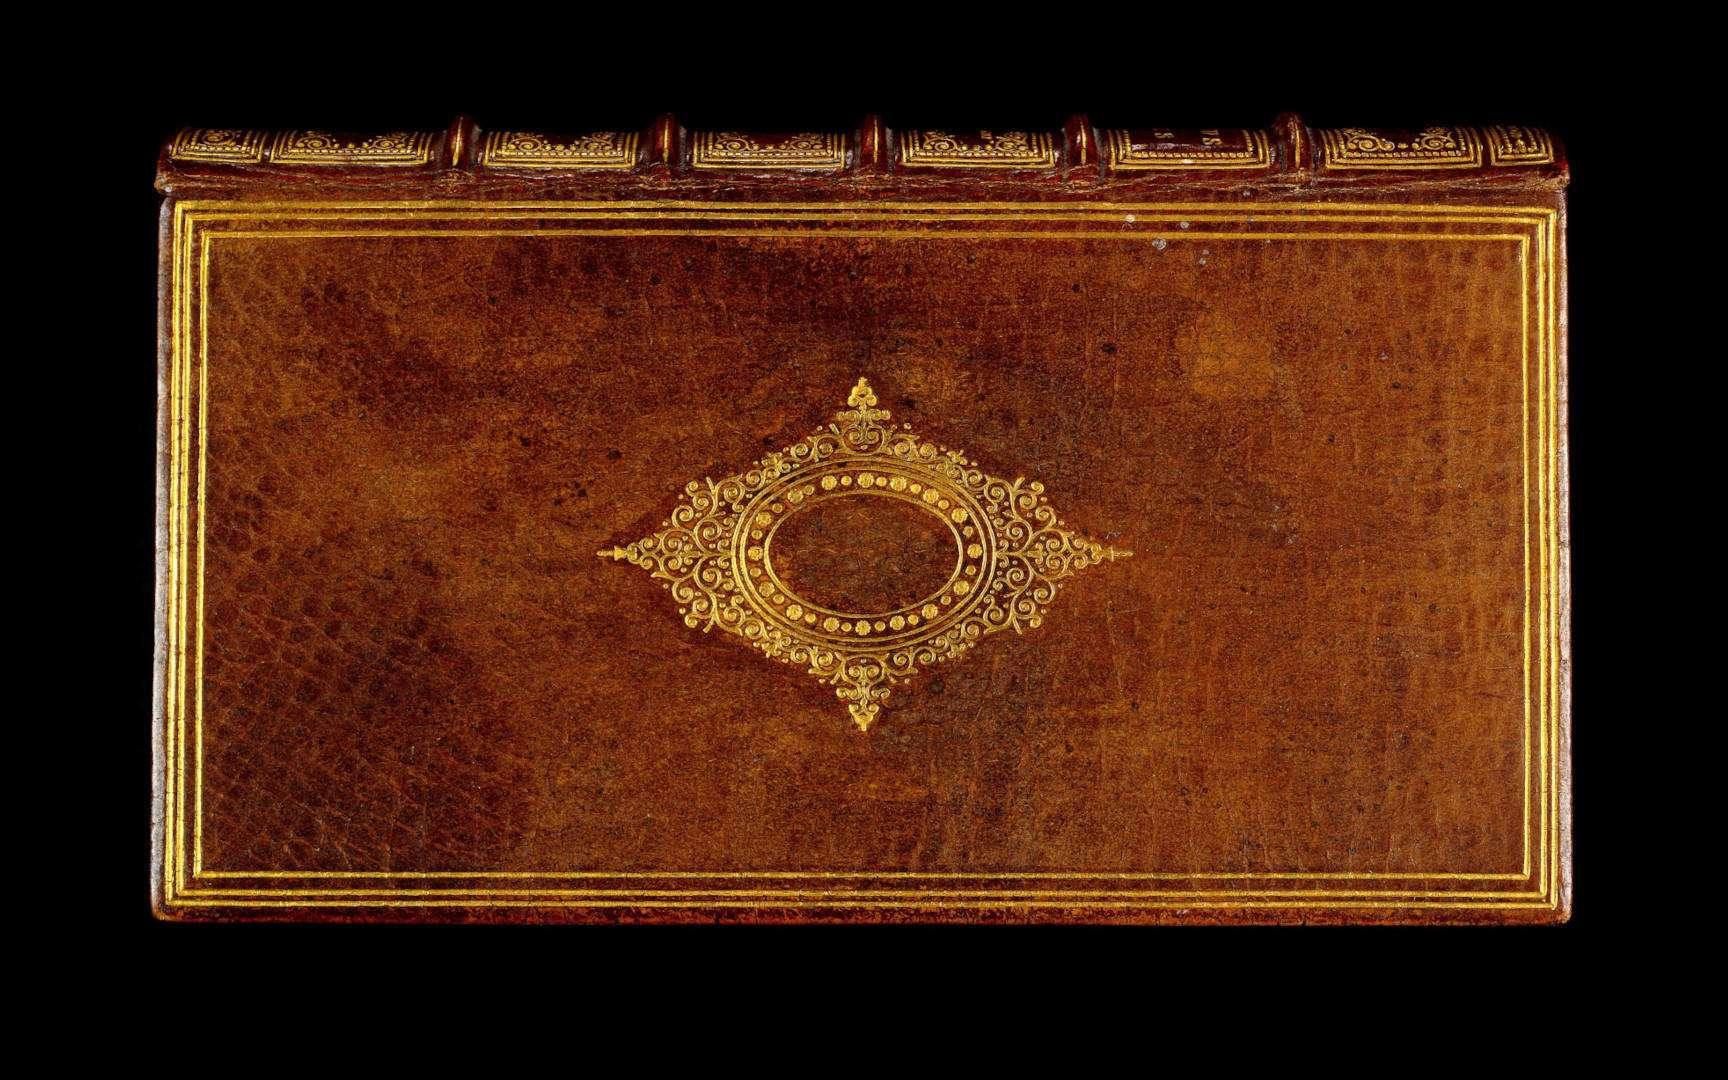 Un livre du XVIIe siècle, relié par le docteur Ludovic Bouland en peau de femme. © Wellcome Library, Wikimedia Commons